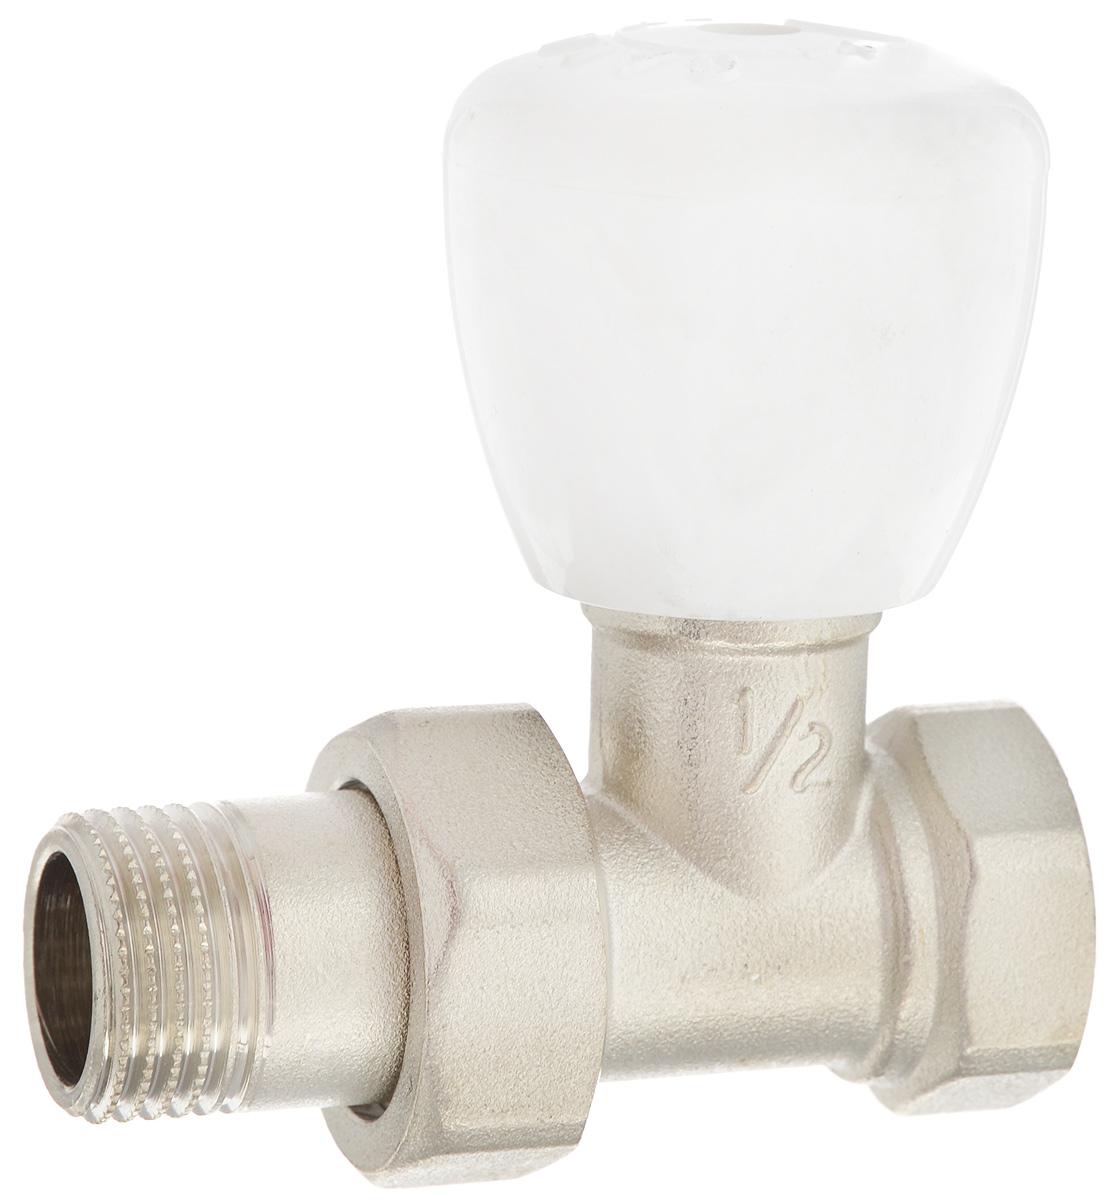 Клапан радиаторный Fornara, регулировочный, прямой, боковое подключение, 1/2ИС.110167Клапан Fornara -это ручной радиаторный клапан, устанавливаемый на подаче радиаторов или теплообменников в системах водяного отопления.Предназначен для ручной регулировки количества поступающего в отопительный прибор теплоносителя. Клапан позволяет полностью перекрывать поток. Подключение клапана к отопительному прибору производится с помощью закладной детали и полусгона.